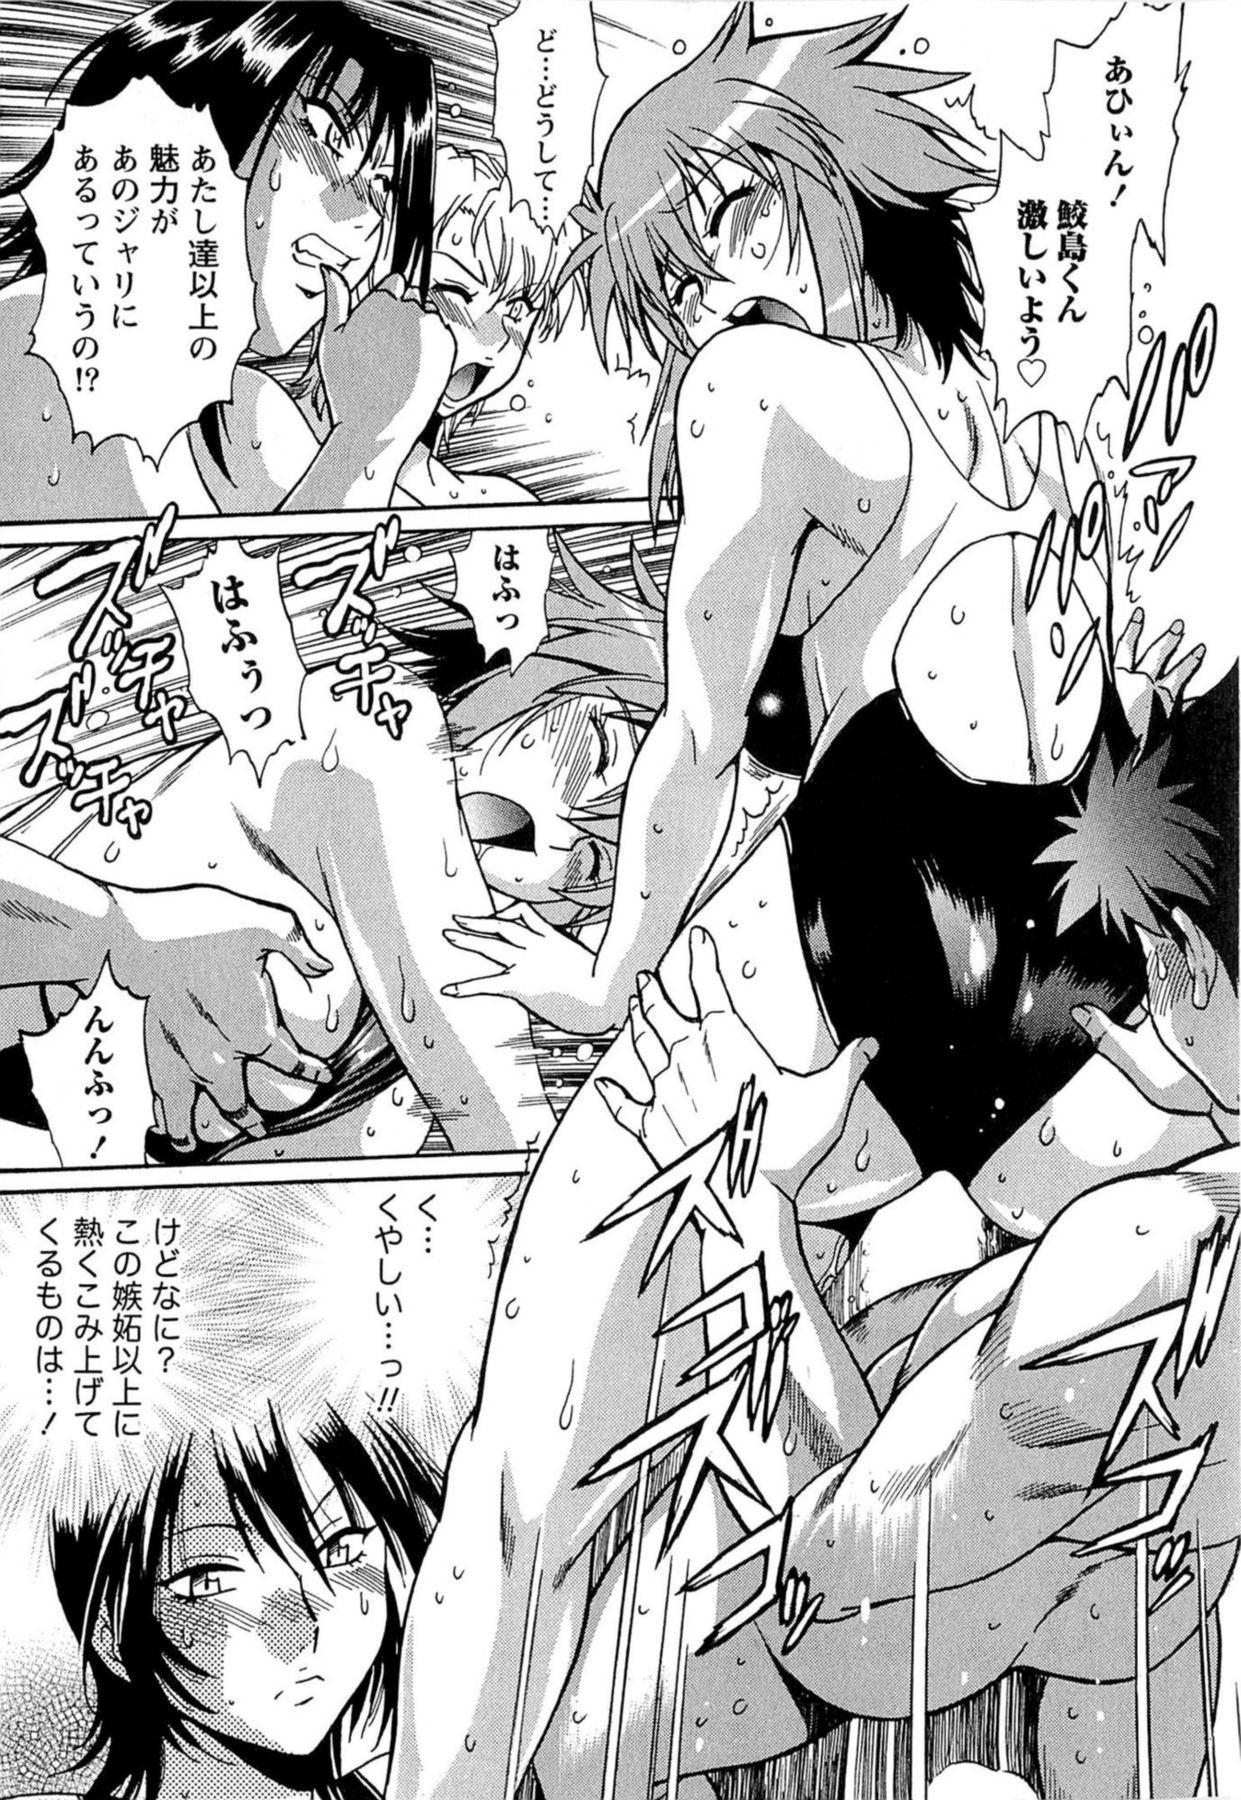 Kuikomi wo Naoshiteru Hima wa Nai! Vol. 1 153